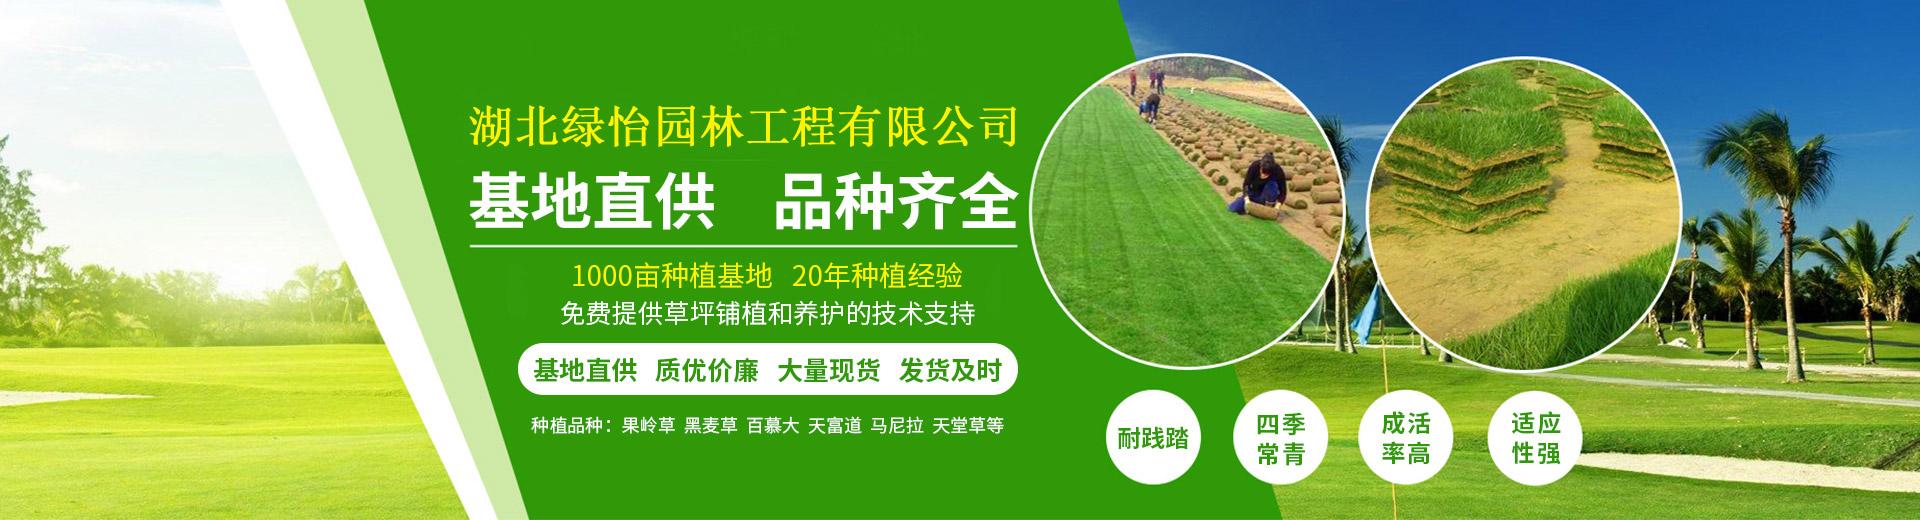 武汉草坪价格